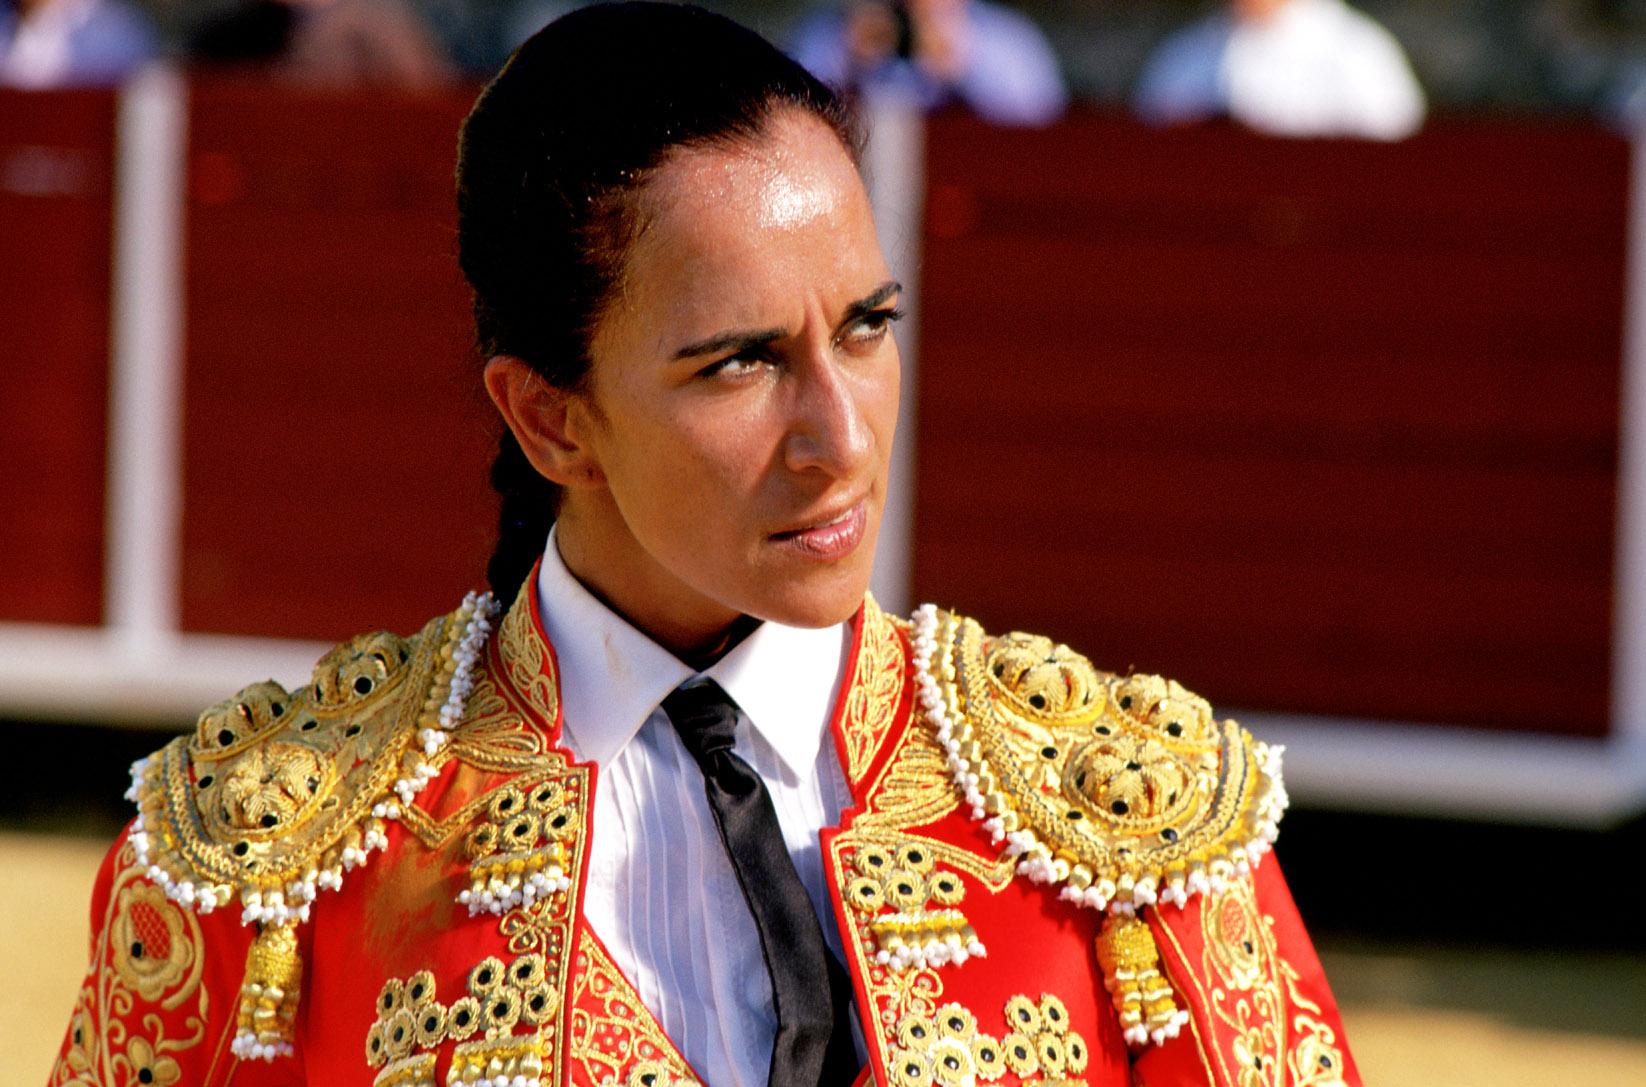 電影本事|走進西班牙名導阿莫多瓦的八點檔世界